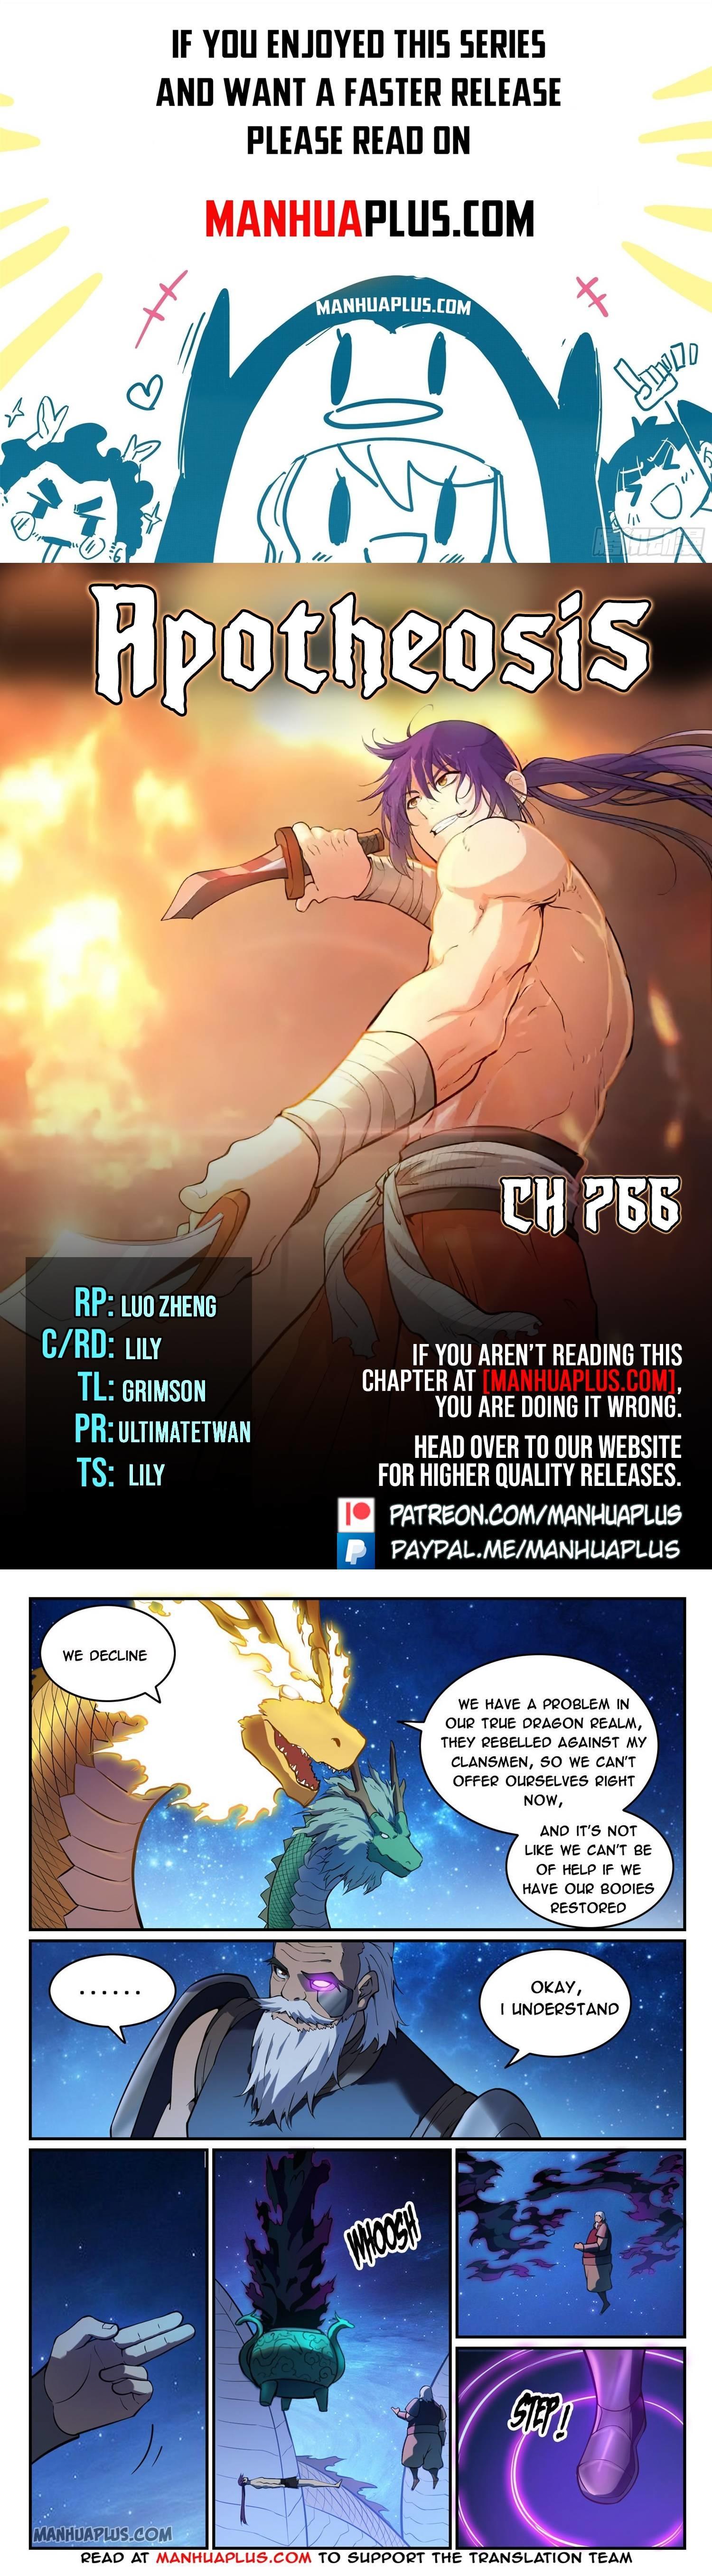 Apotheosis Chapter 766 page 1 - Mangakakalots.com